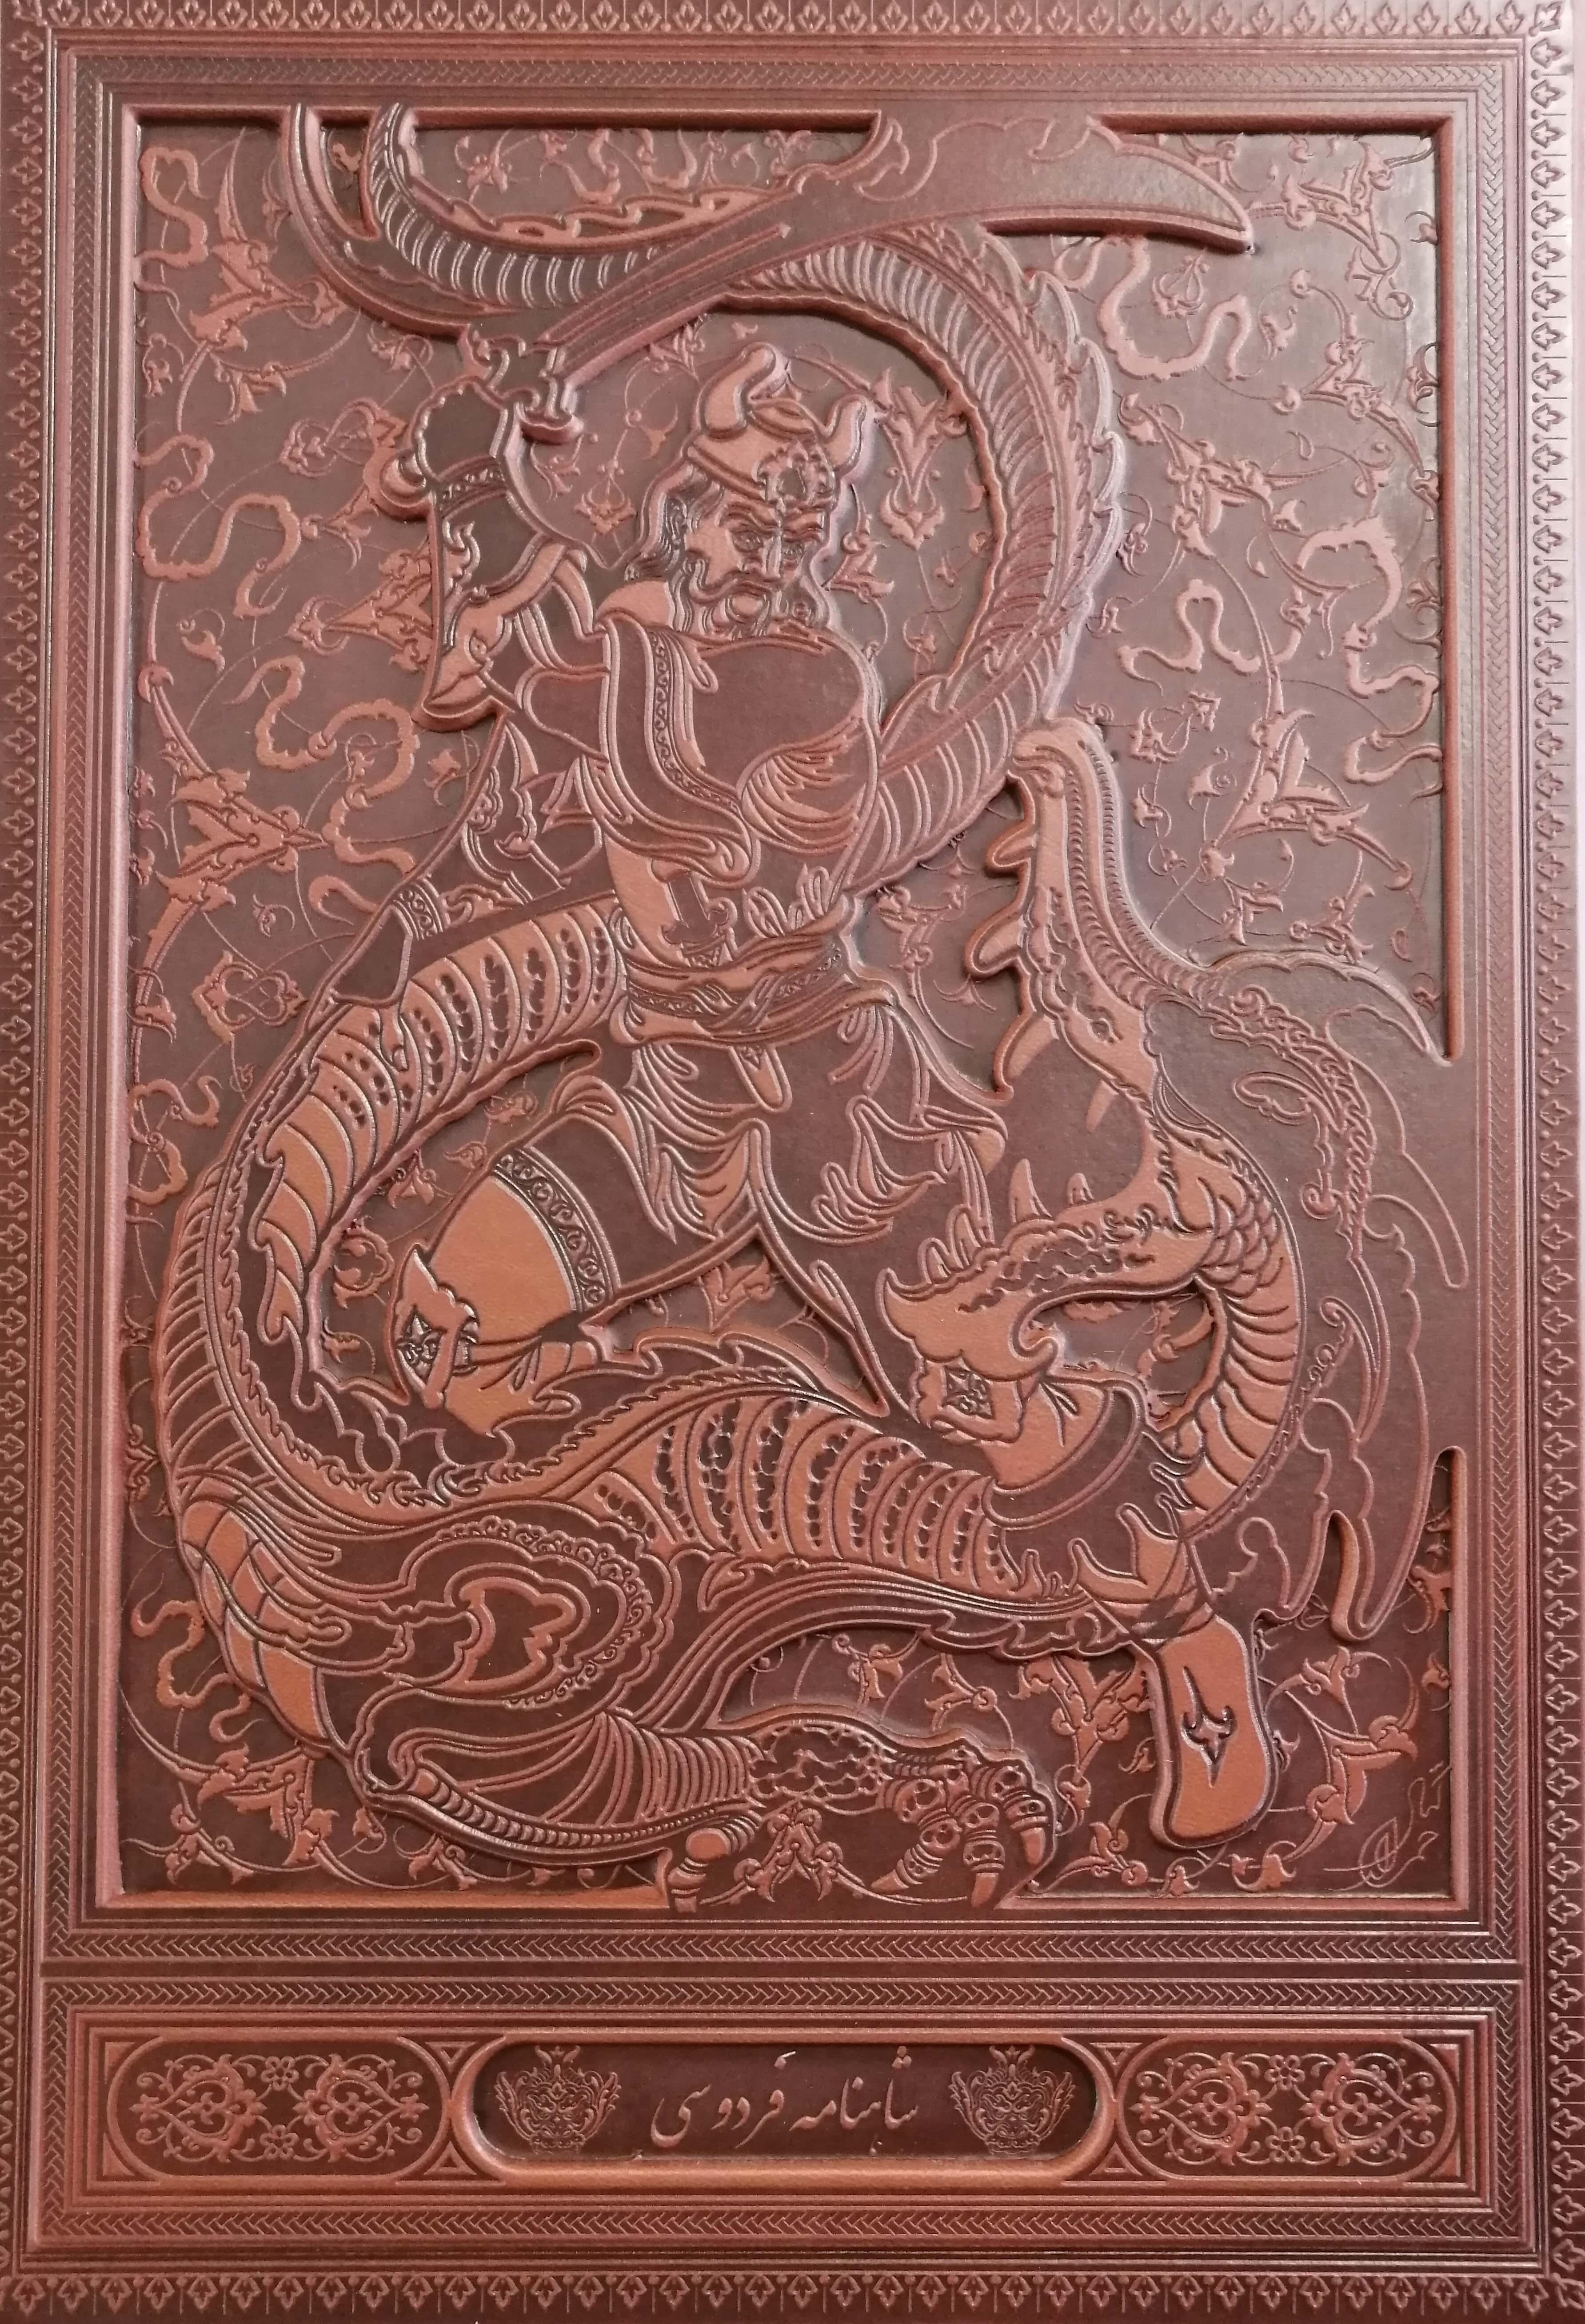 داستانهای شاهنامه فردوسی (گلاسه،باجعبه،چرم،لب طلایی)